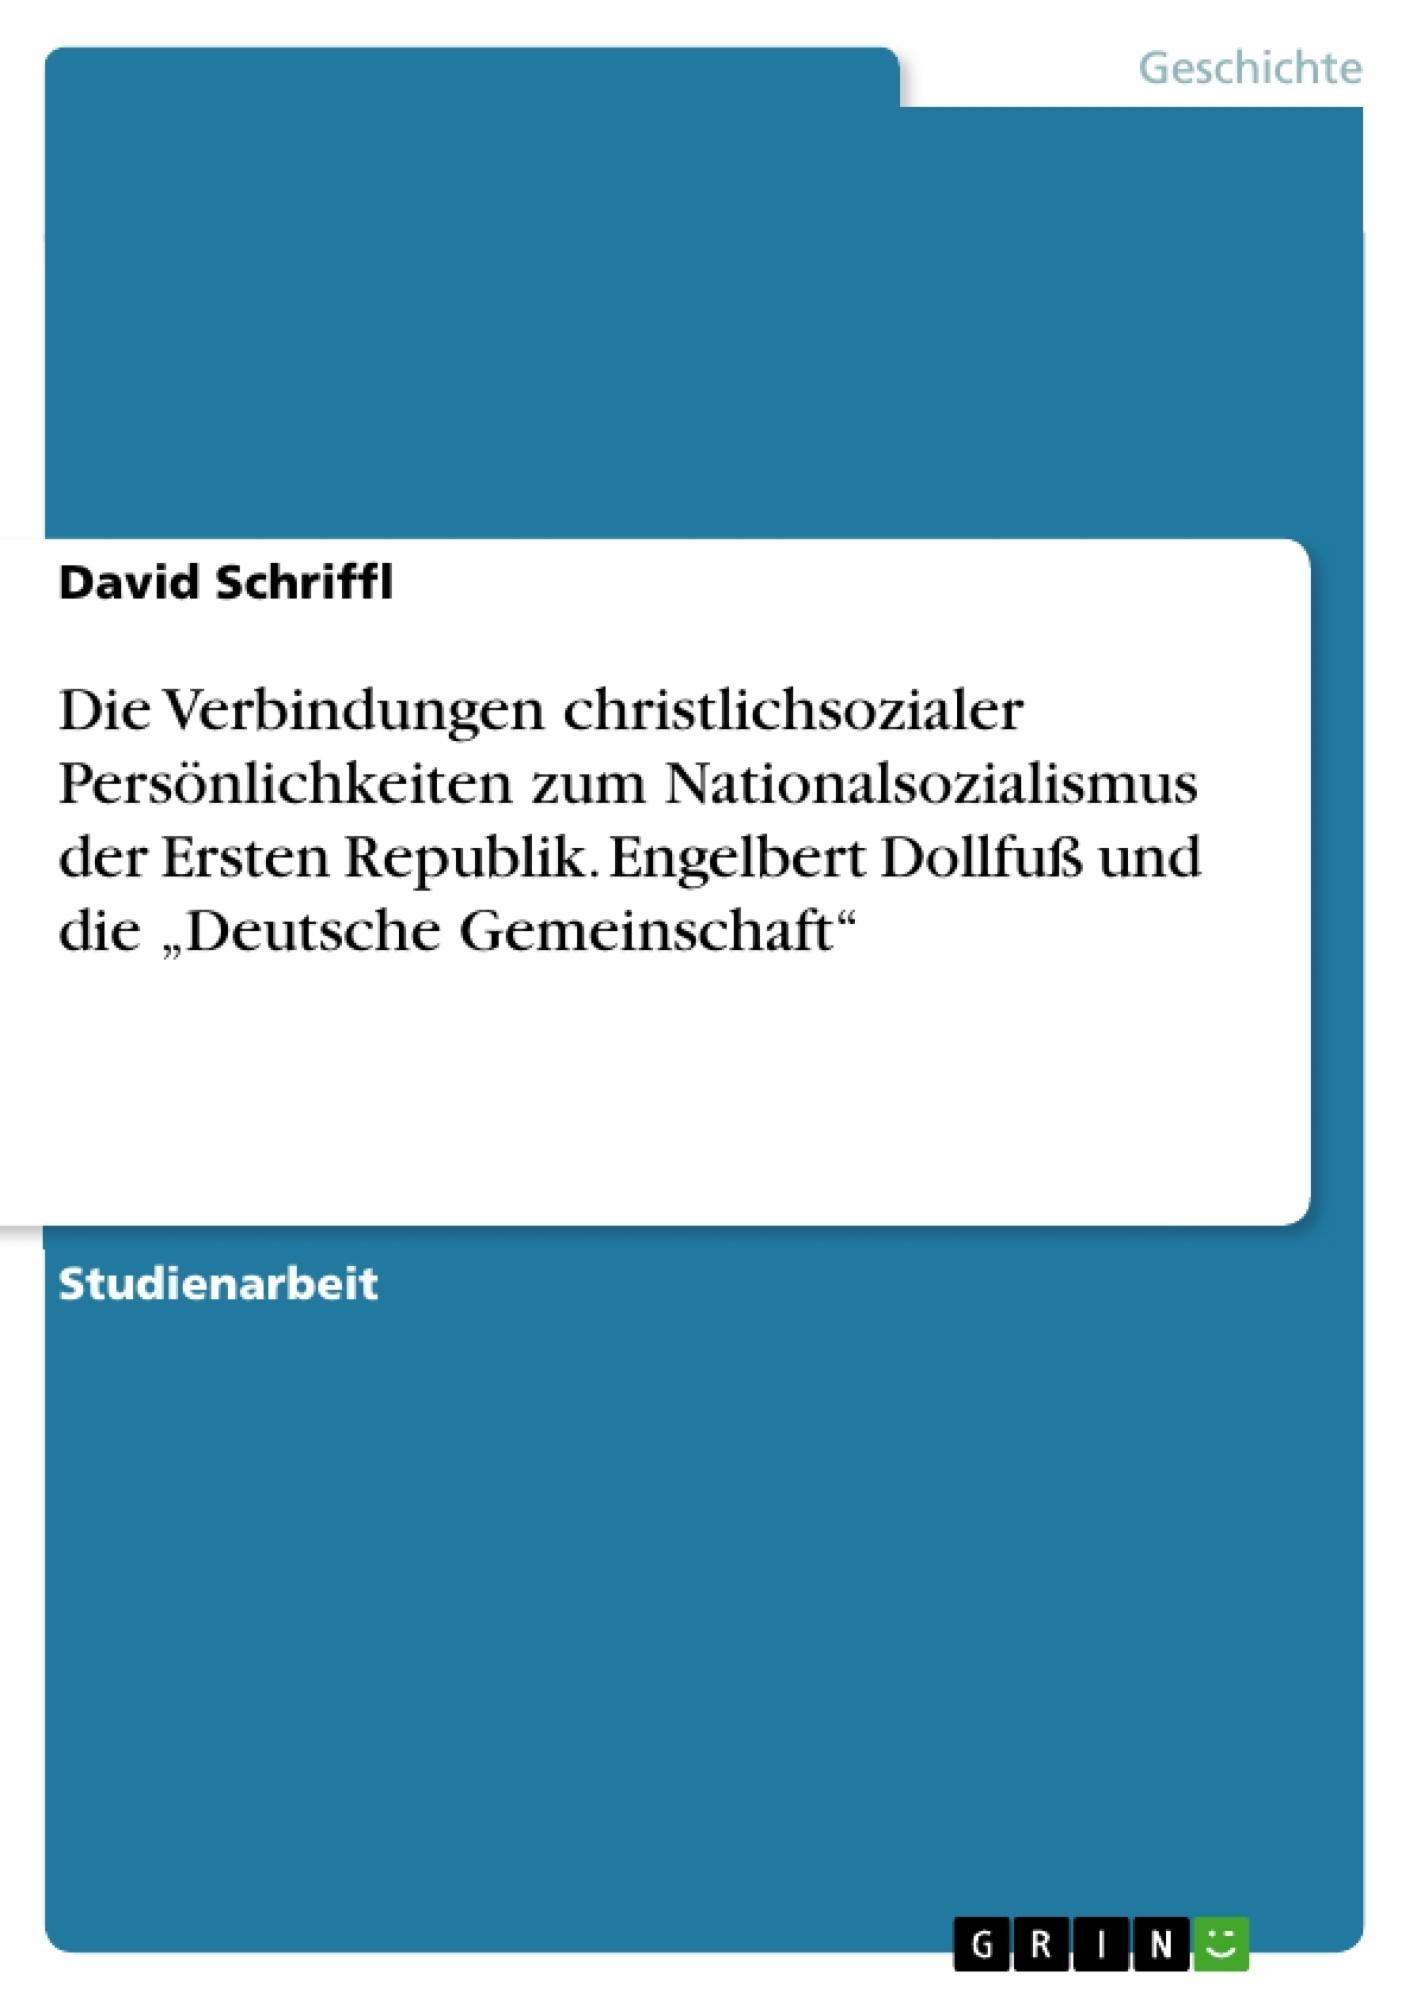 """Titel: Die Verbindungen christlichsozialer Persönlichkeiten zum Nationalsozialismus der Ersten Republik. Engelbert Dollfuß und die """"Deutsche Gemeinschaft"""""""